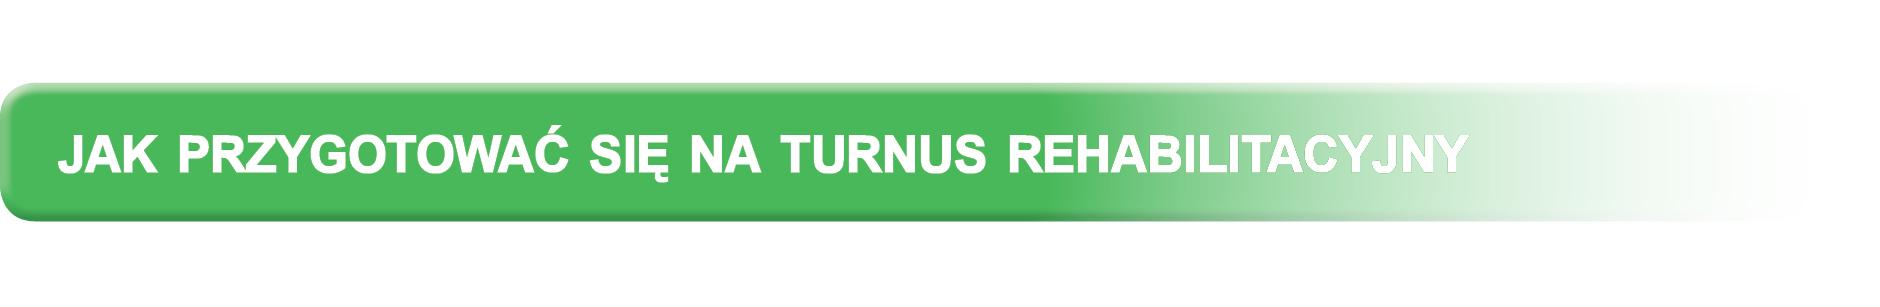 CEMICUS_jak przygotować się na turnus rehabilitacyjny